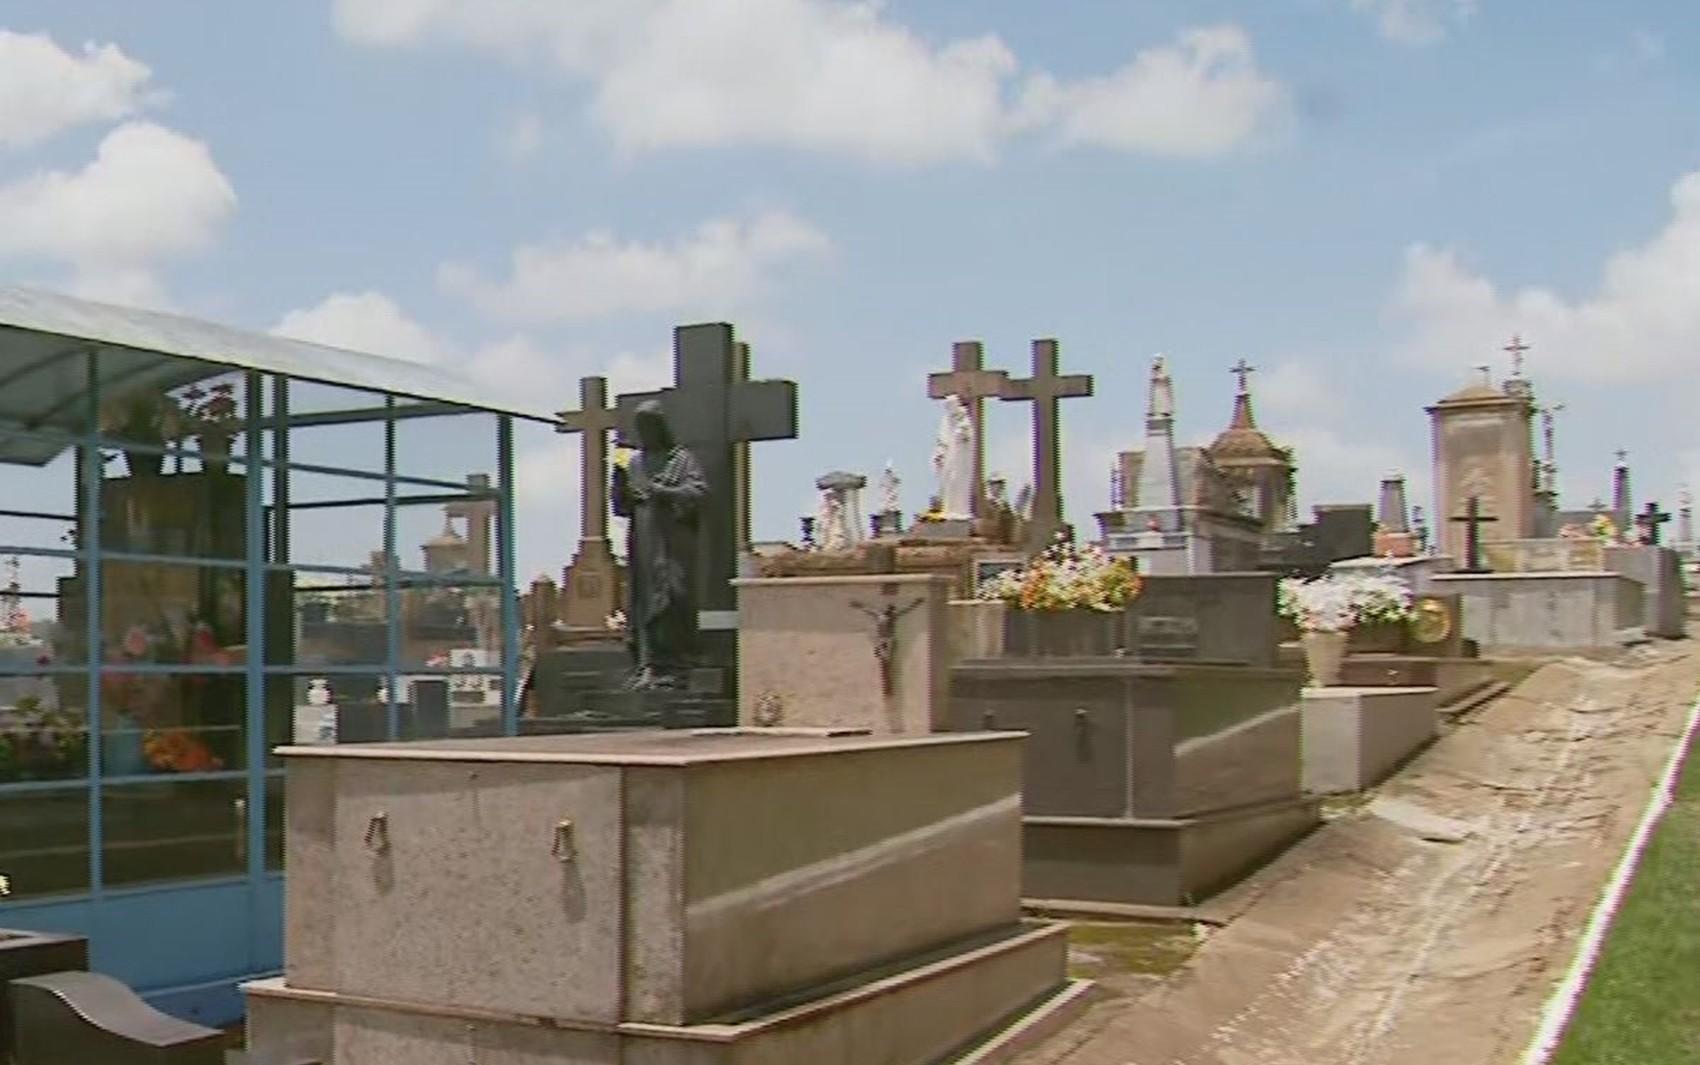 Cemitério tem quase 50 peças furtadas de túmulos em Muzambinho, MG